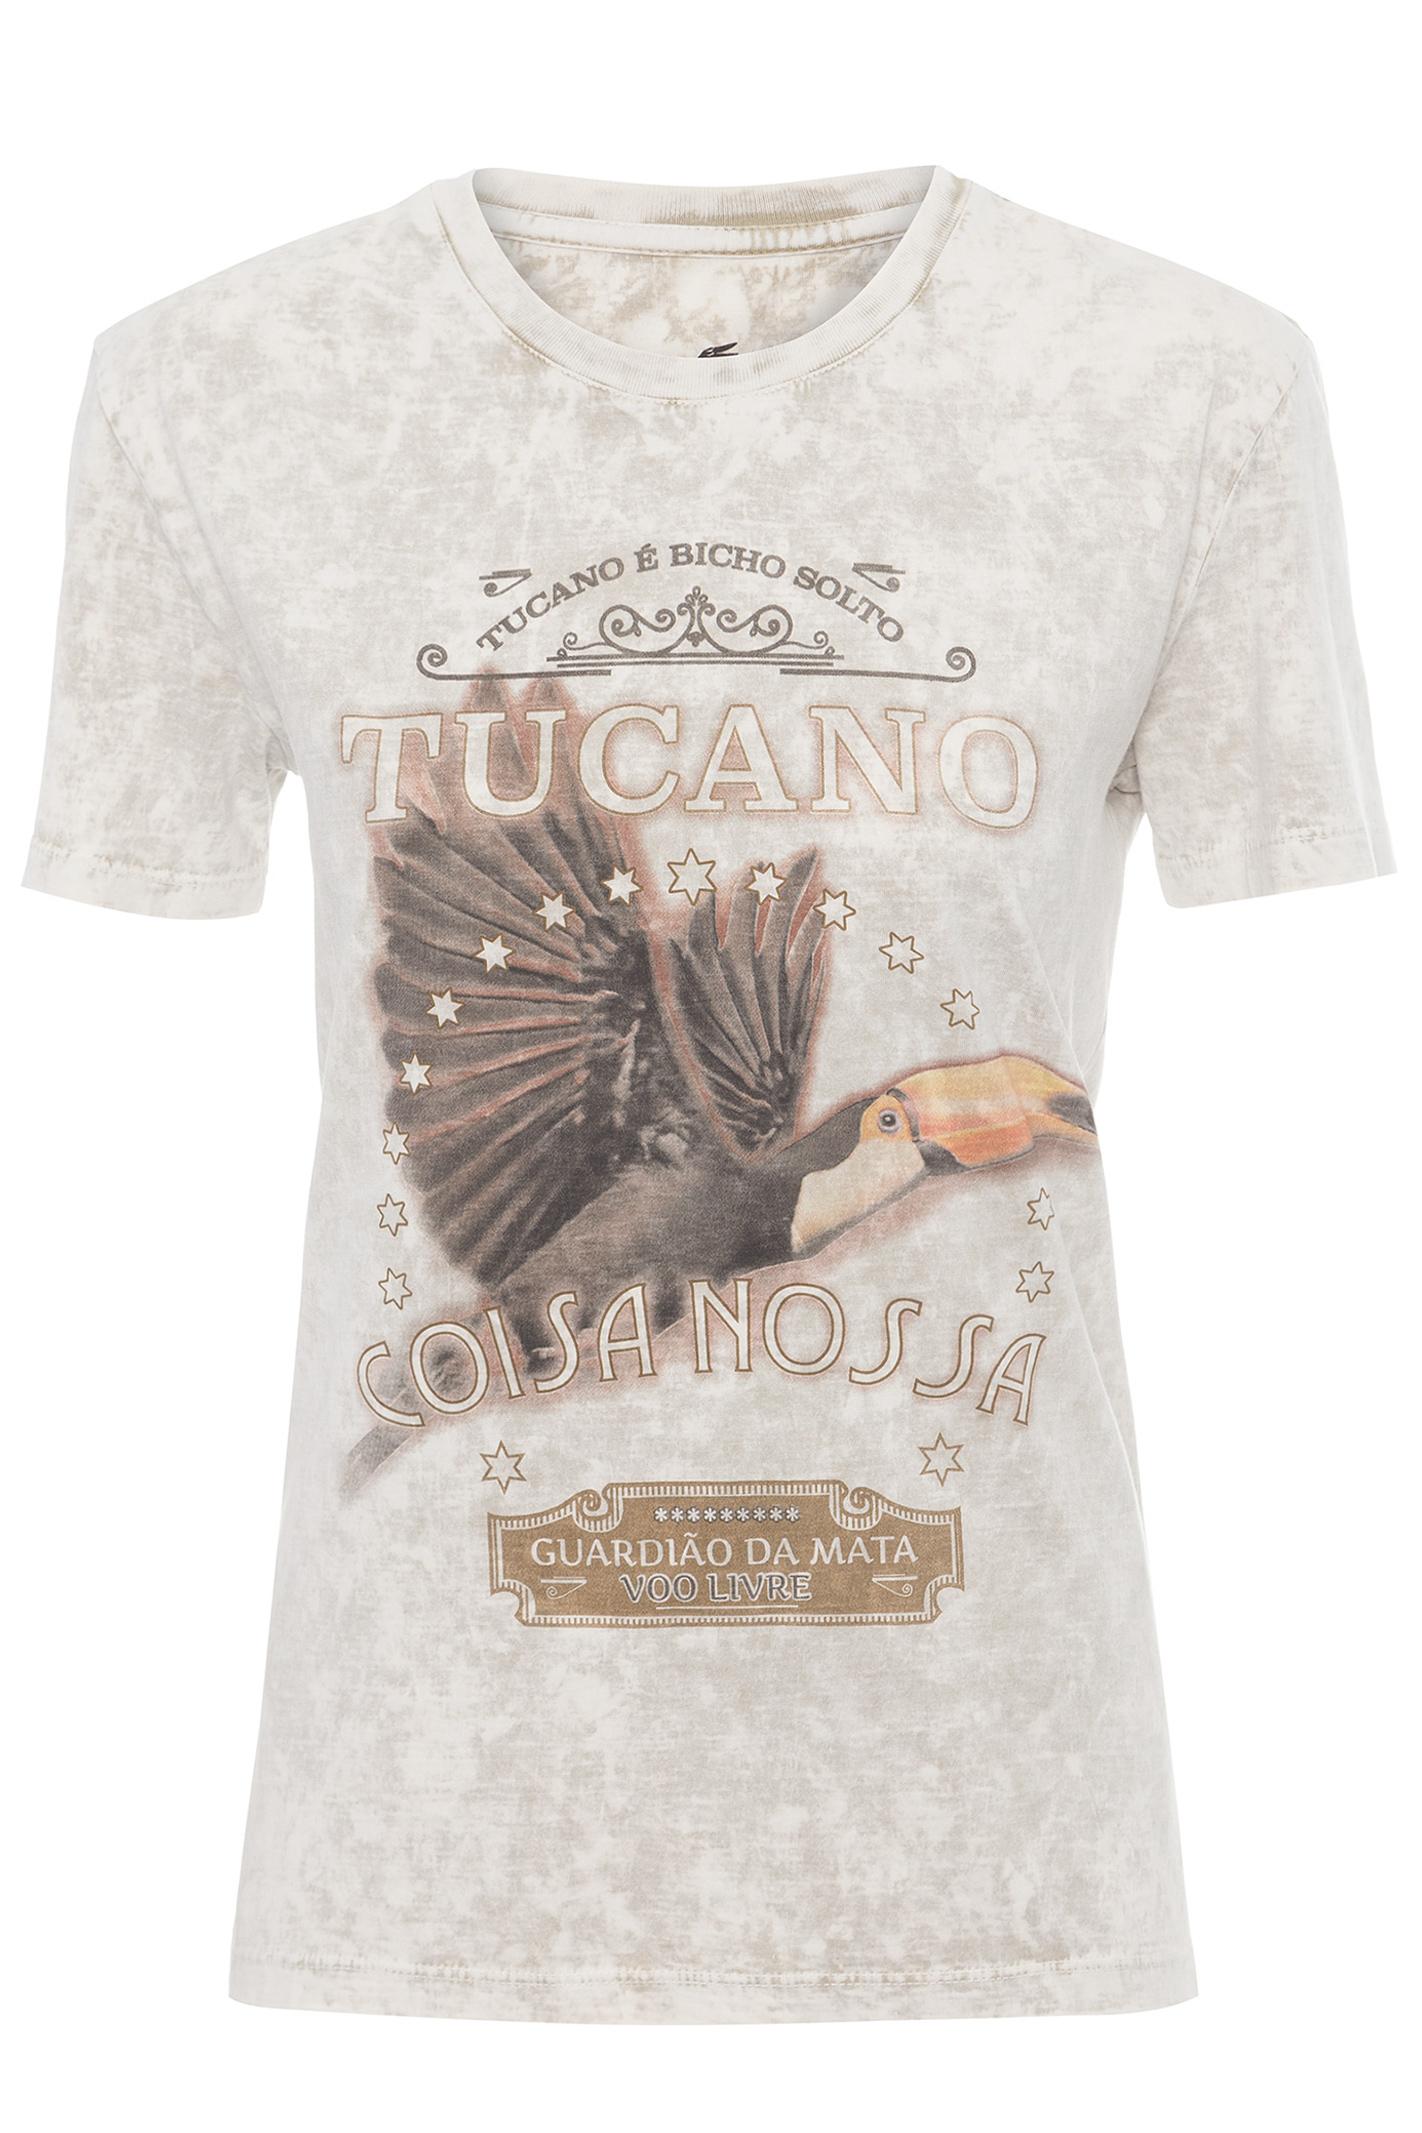 T-Shirt Vida Livre Tucano Coisa Nossa